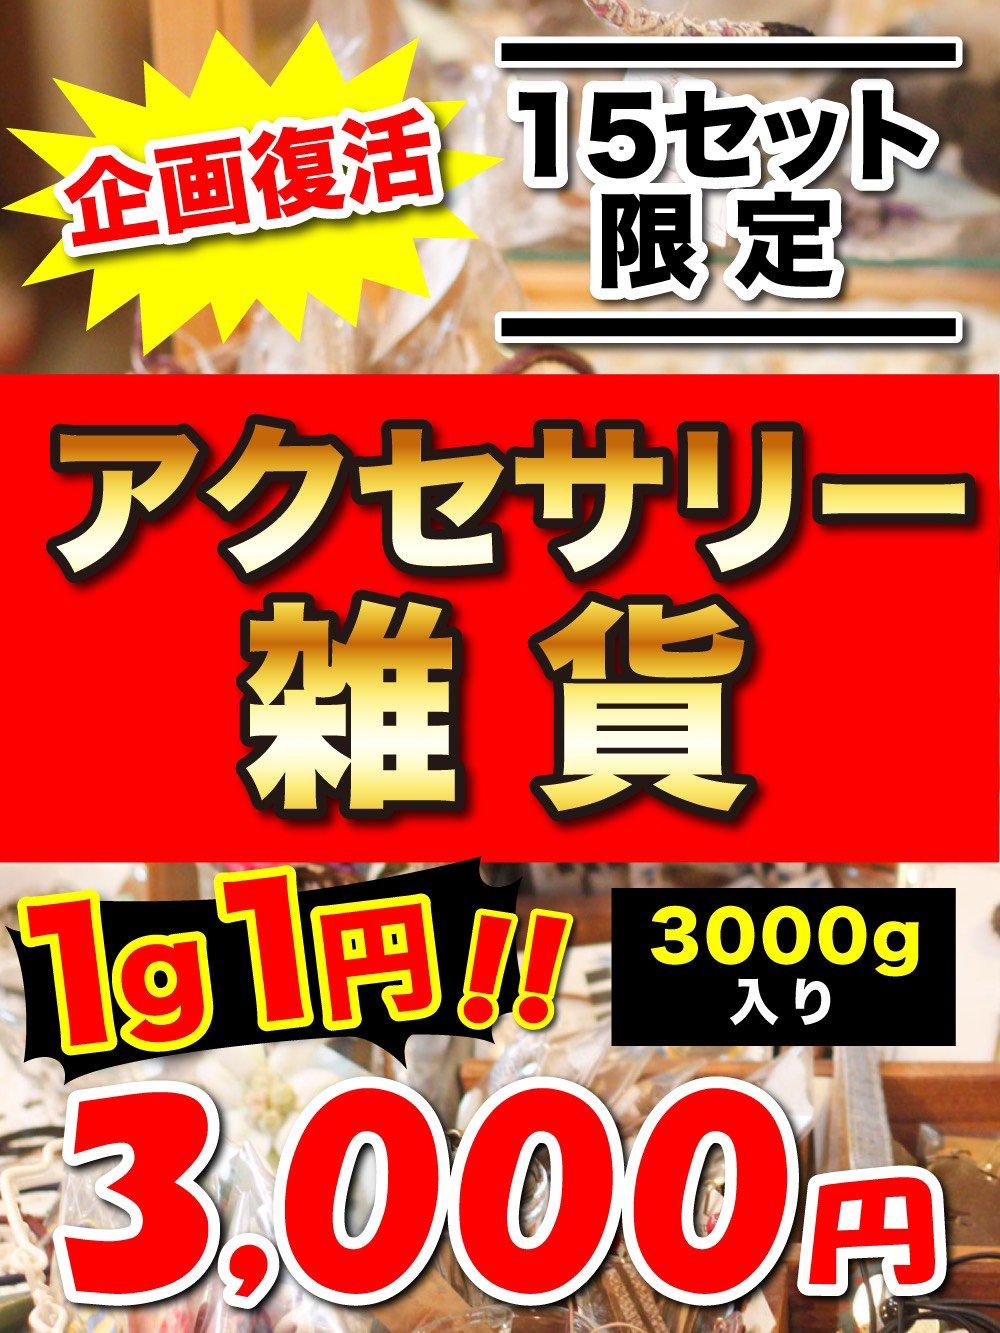 【企画復活】アクセサリー雑貨1g 1円 3000g入り【15セット限定】